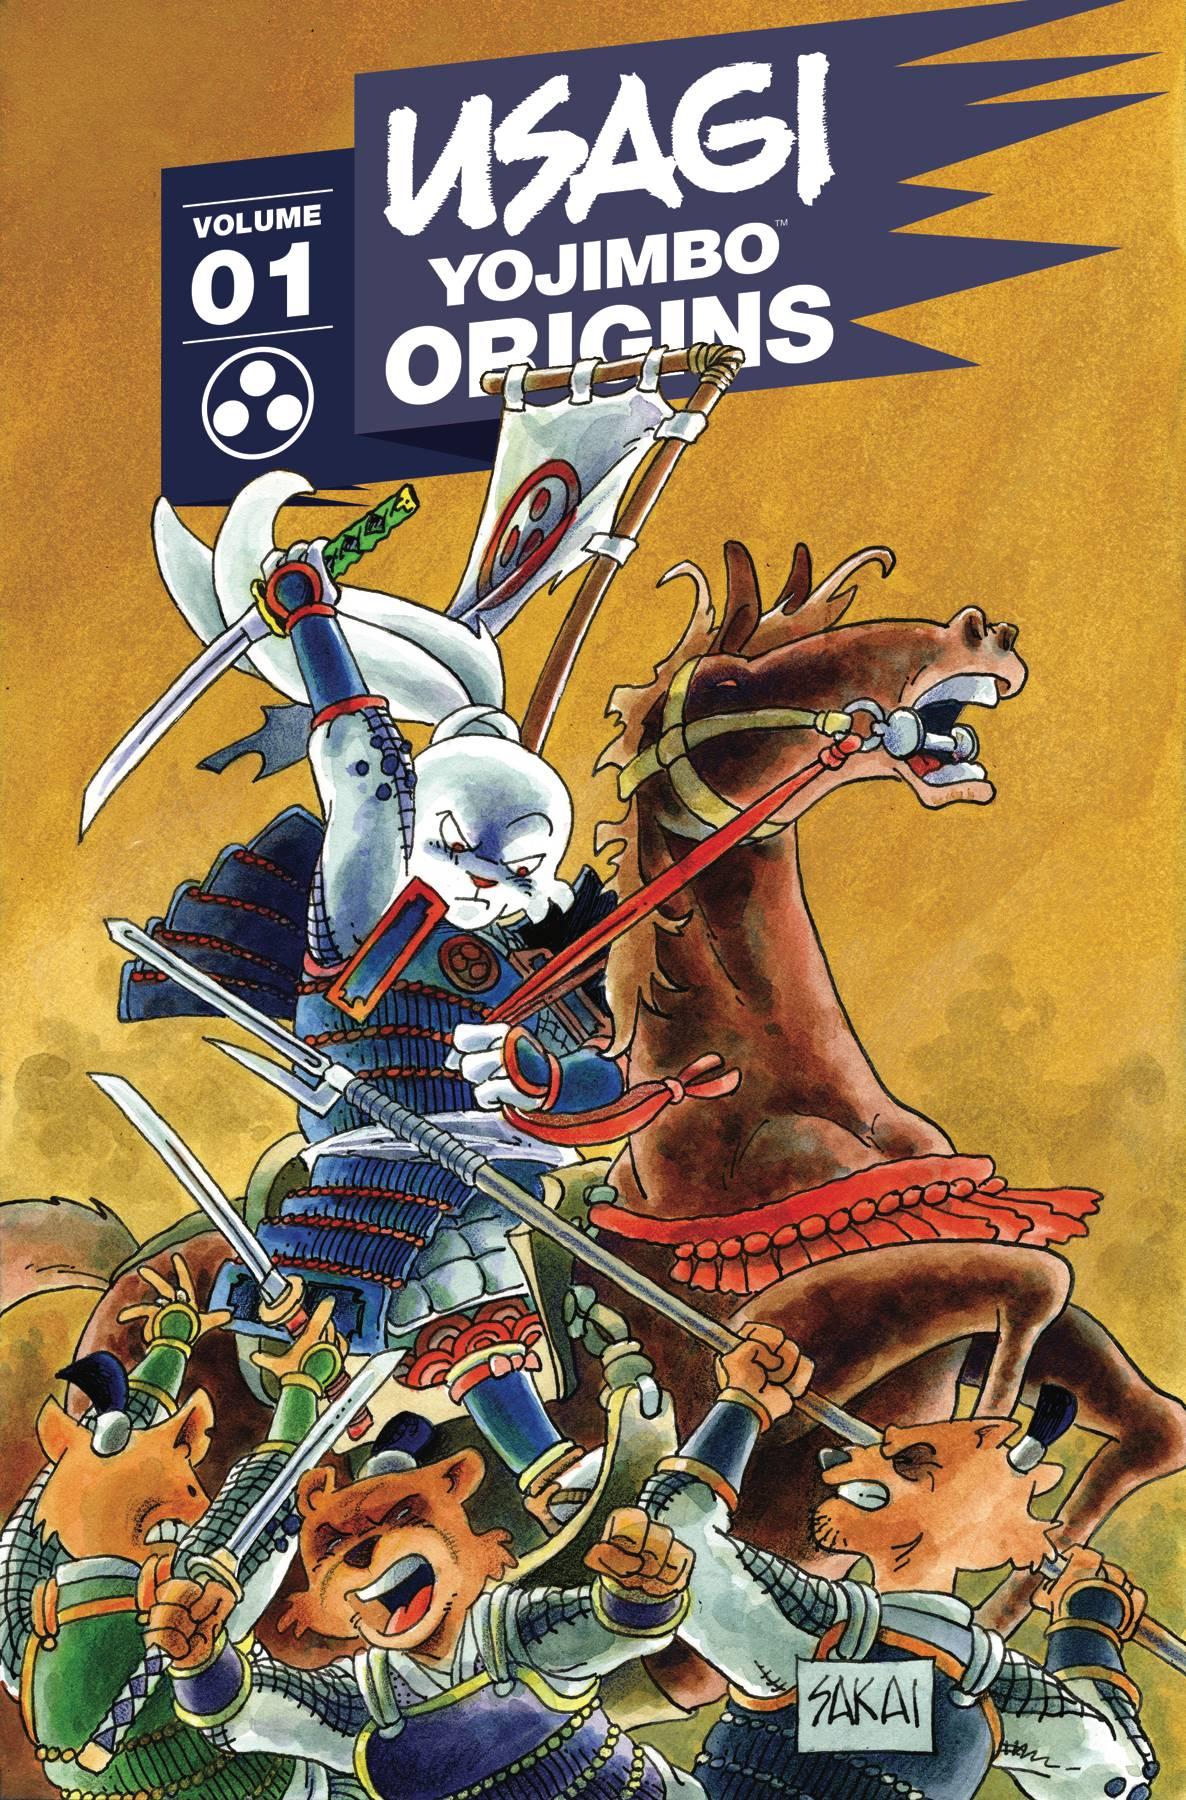 USAGI YOJIMBO ORIGINS TP 01